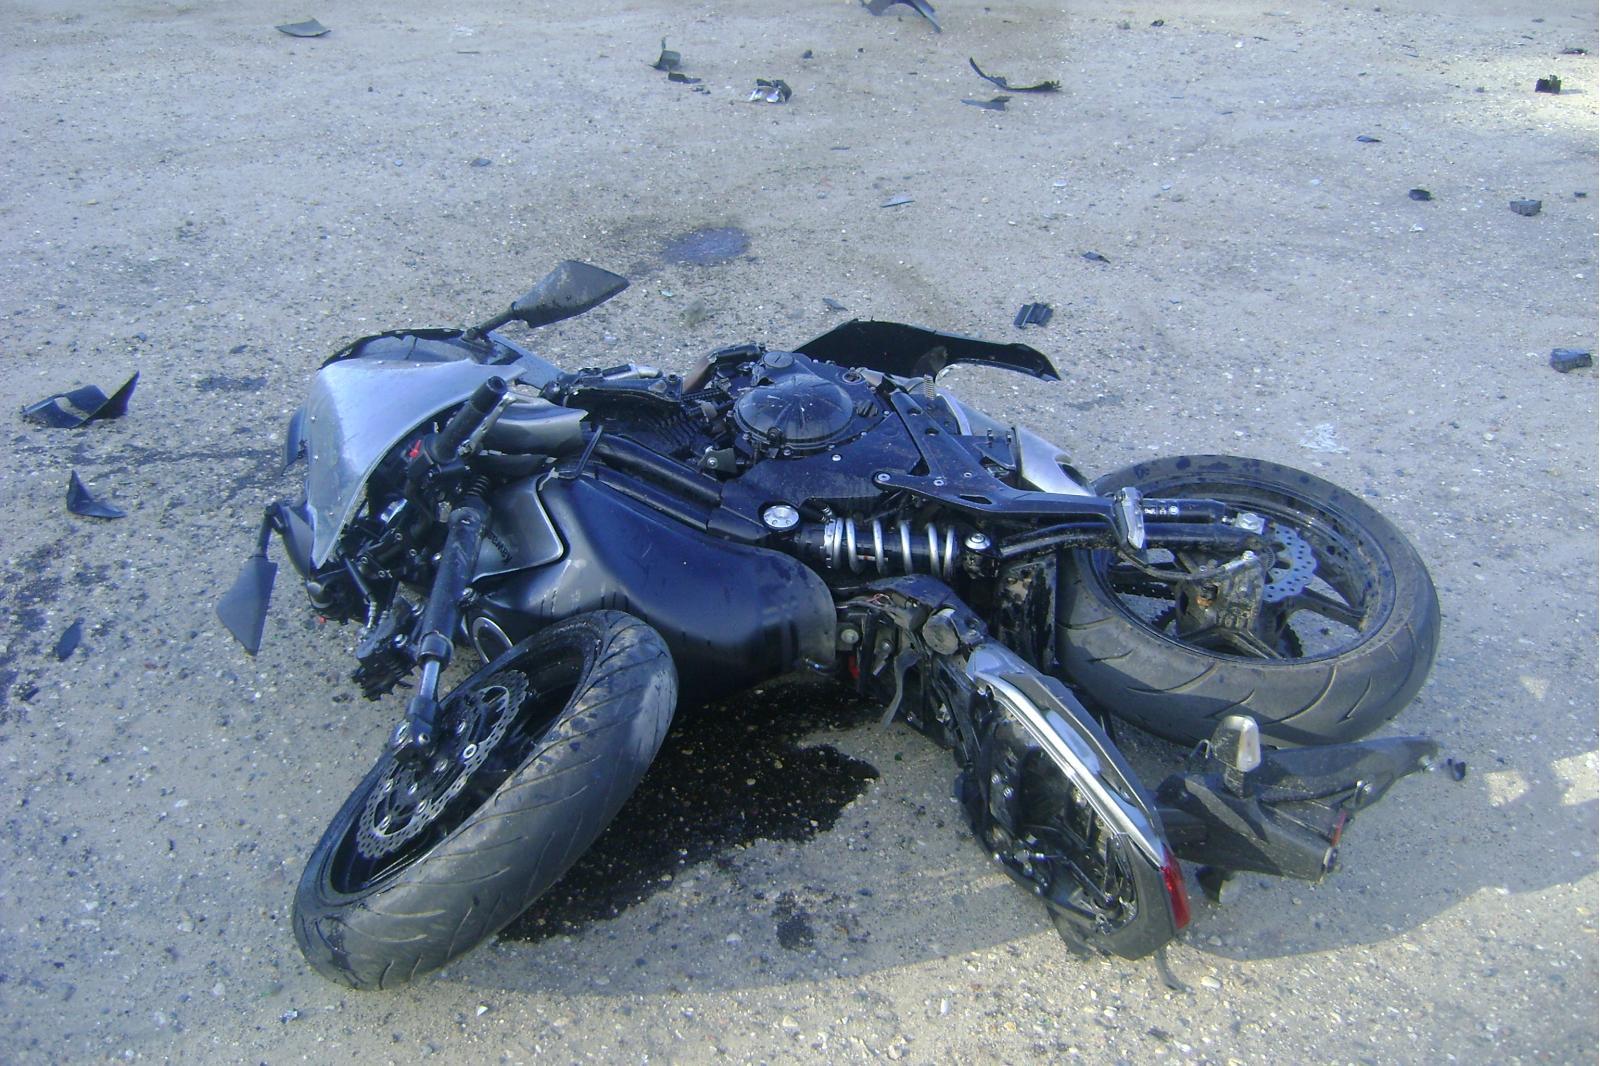 В Даниловском районе мотоциклист столкнулся с иномаркой